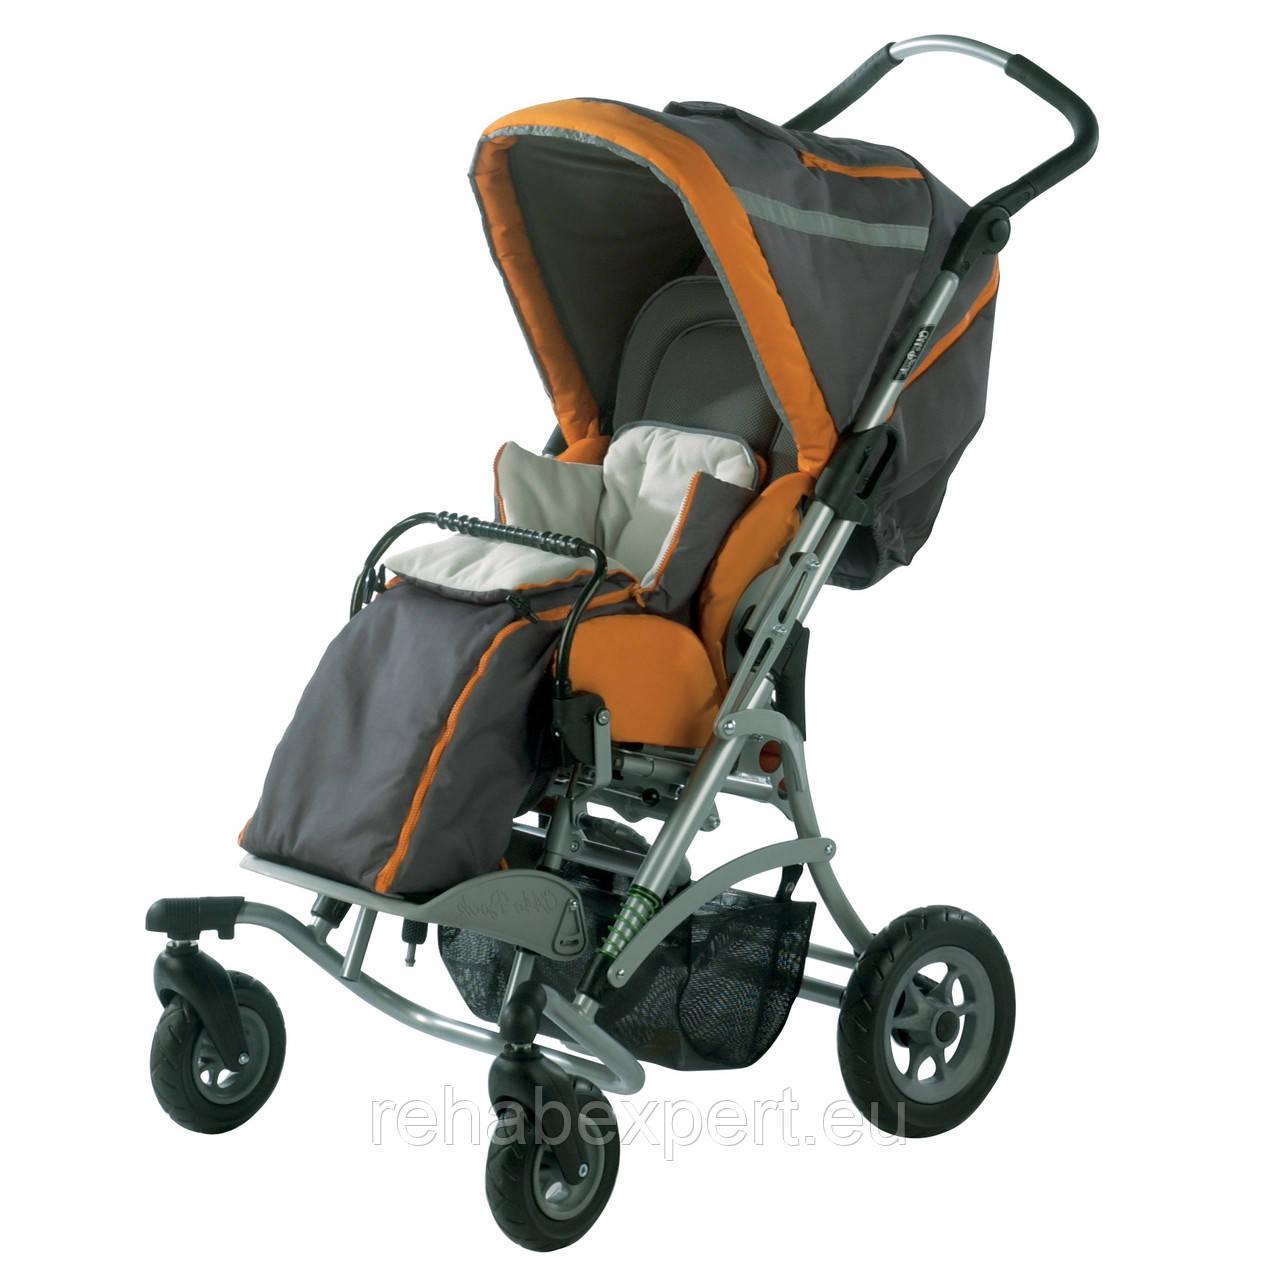 Специальная Прогулочная Коляска для Реабилитации Детей Otto Bock Kimba Spring Special Needs Stroller